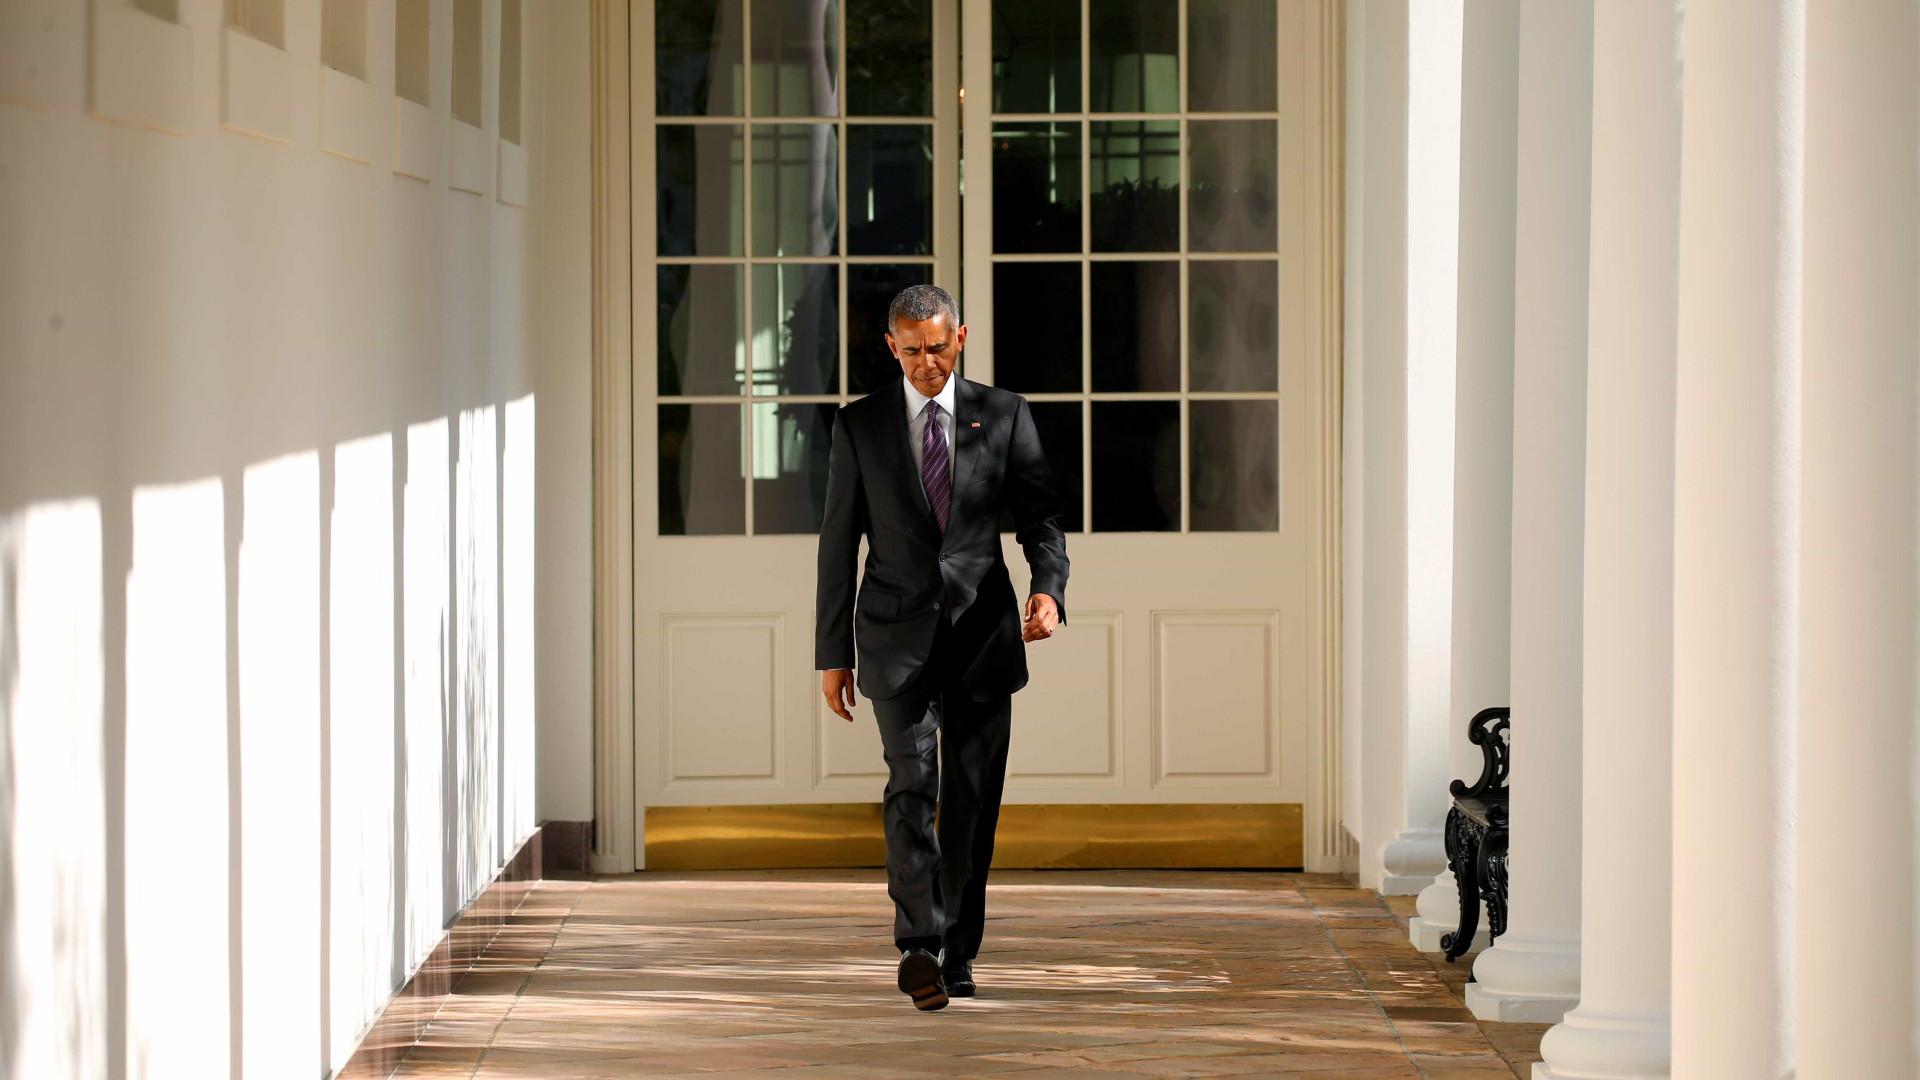 Senado dos EUA dá primeiro passo para desmantelar Obamacare